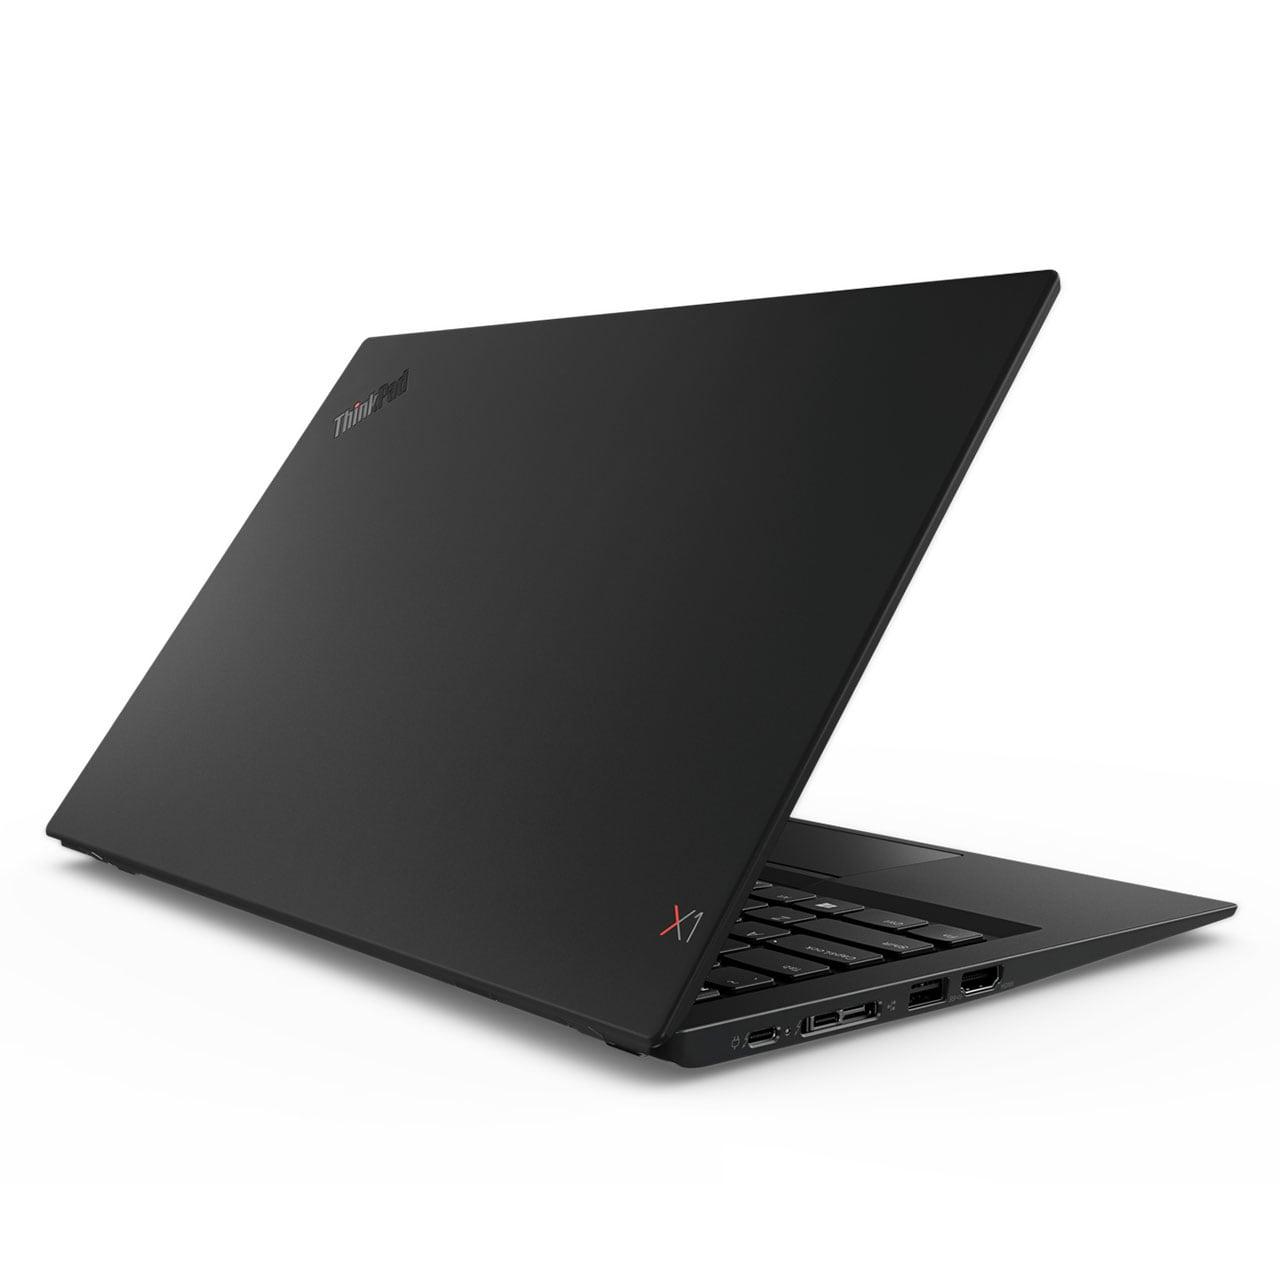 """Lenovo ThinkPad X1 Carbon 6th Generation, 14.0"""", i7-8650U, 16 GB RAM, 1TB SSD, Win 10 Pro 64 3"""